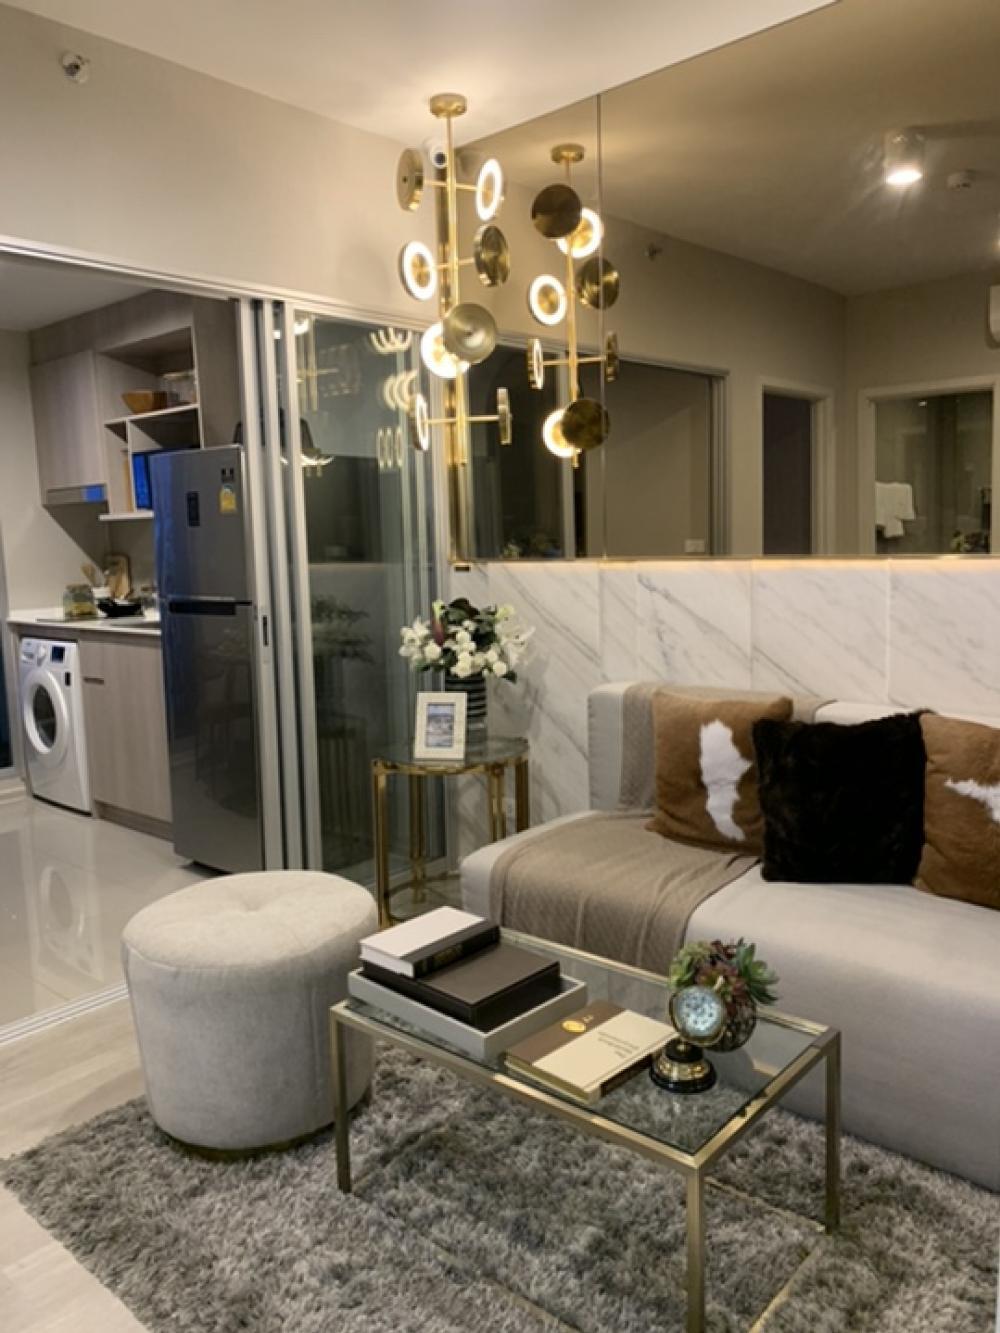 ขายคอนโดปิ่นเกล้า จรัญสนิทวงศ์ : ห้องมือหนึ่ง ! Ideo charan70-riverview (ไอดีโอ จรัญฯ70-ริเวอร์วิว) แม่น้ำเจ้าพระยา 1 bed ครัวปิด 31 ตร.ม ชั้นสูง ห้องสุดท้าย ราคา 2,416,000 บาท วิวแม่น้ำเต็มๆ สวยมากๆ